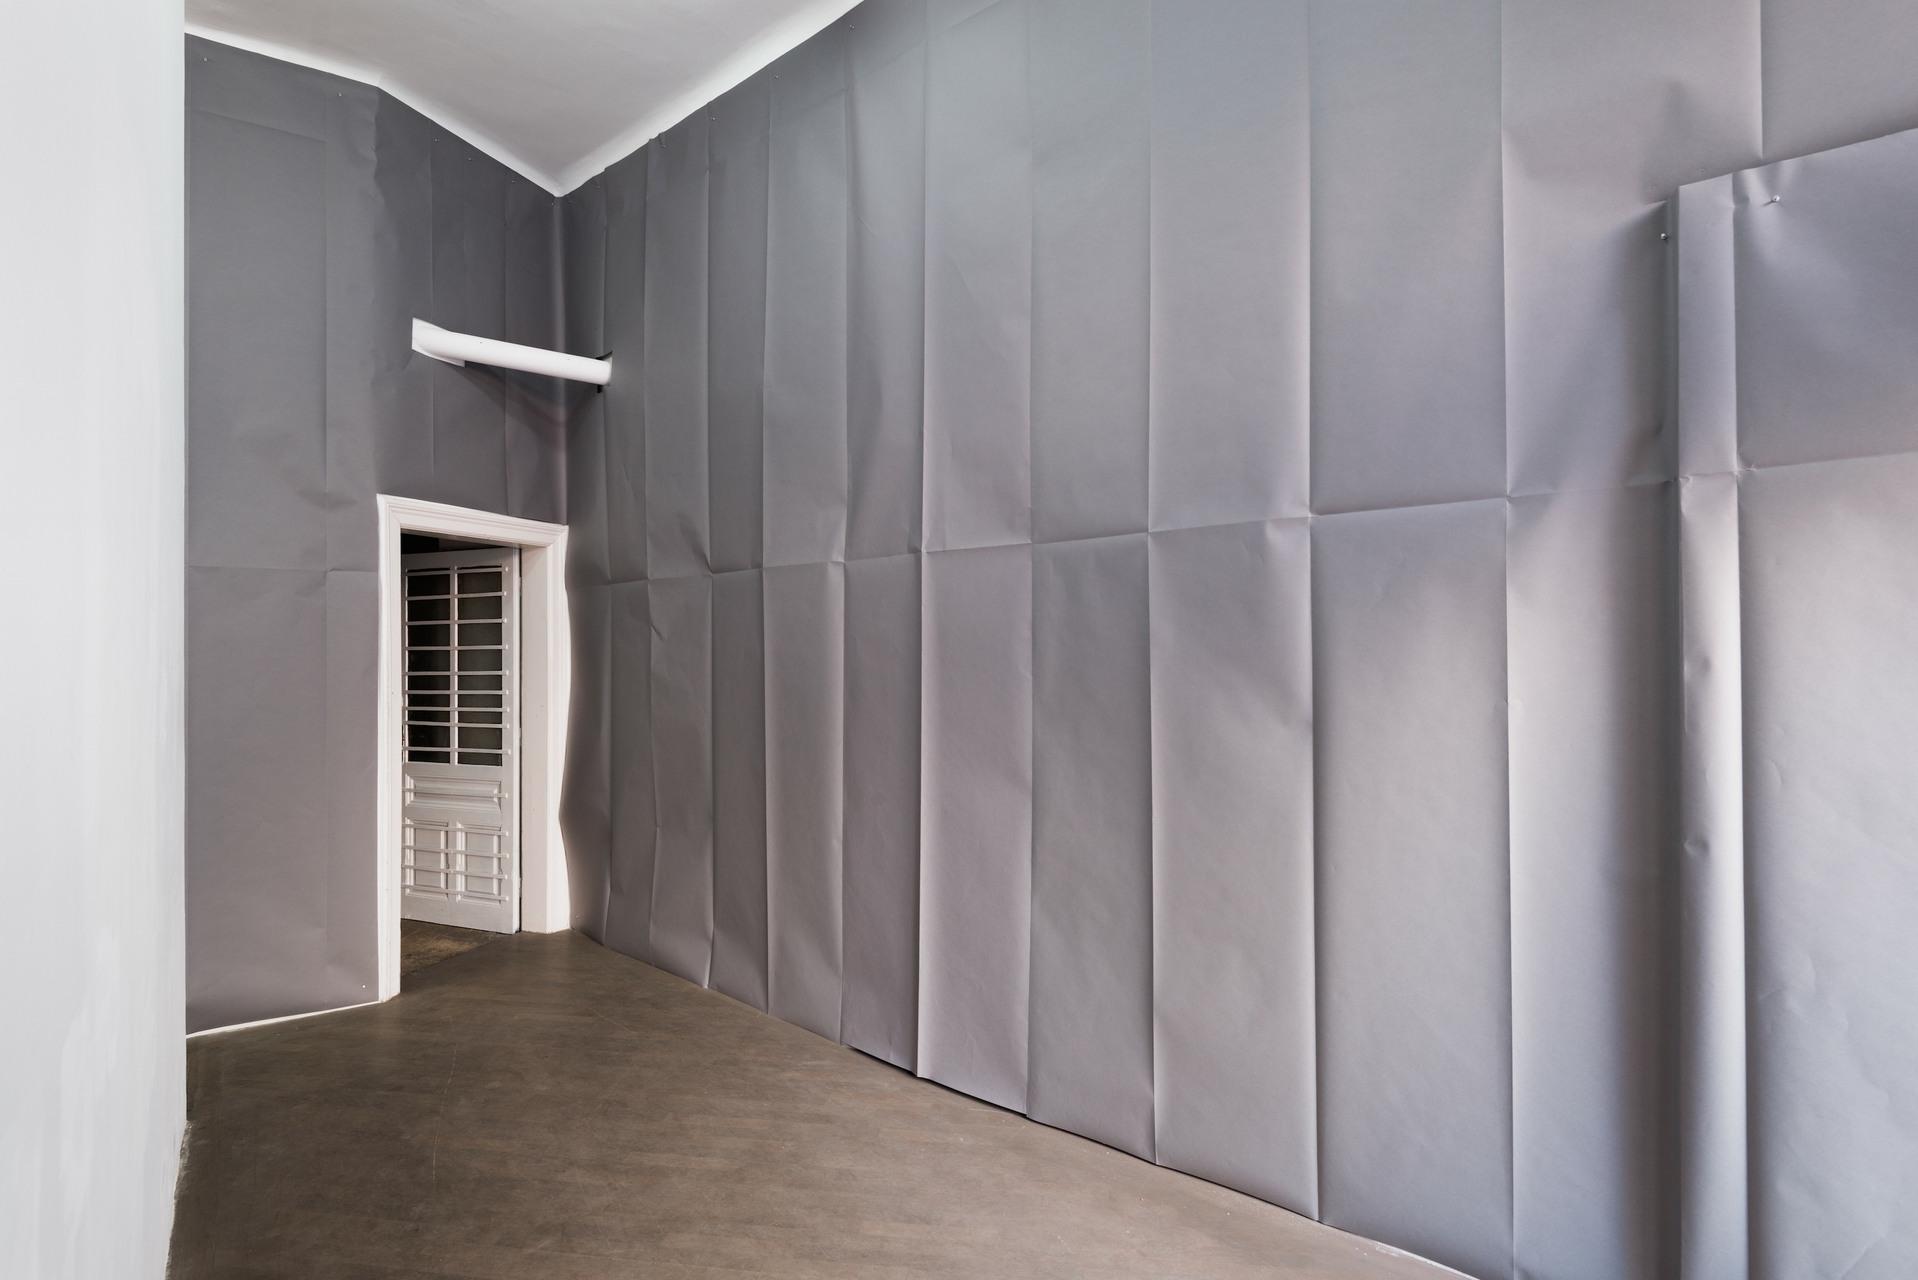 #1-Gerber_McArthur_Nutt_-final-installation-view